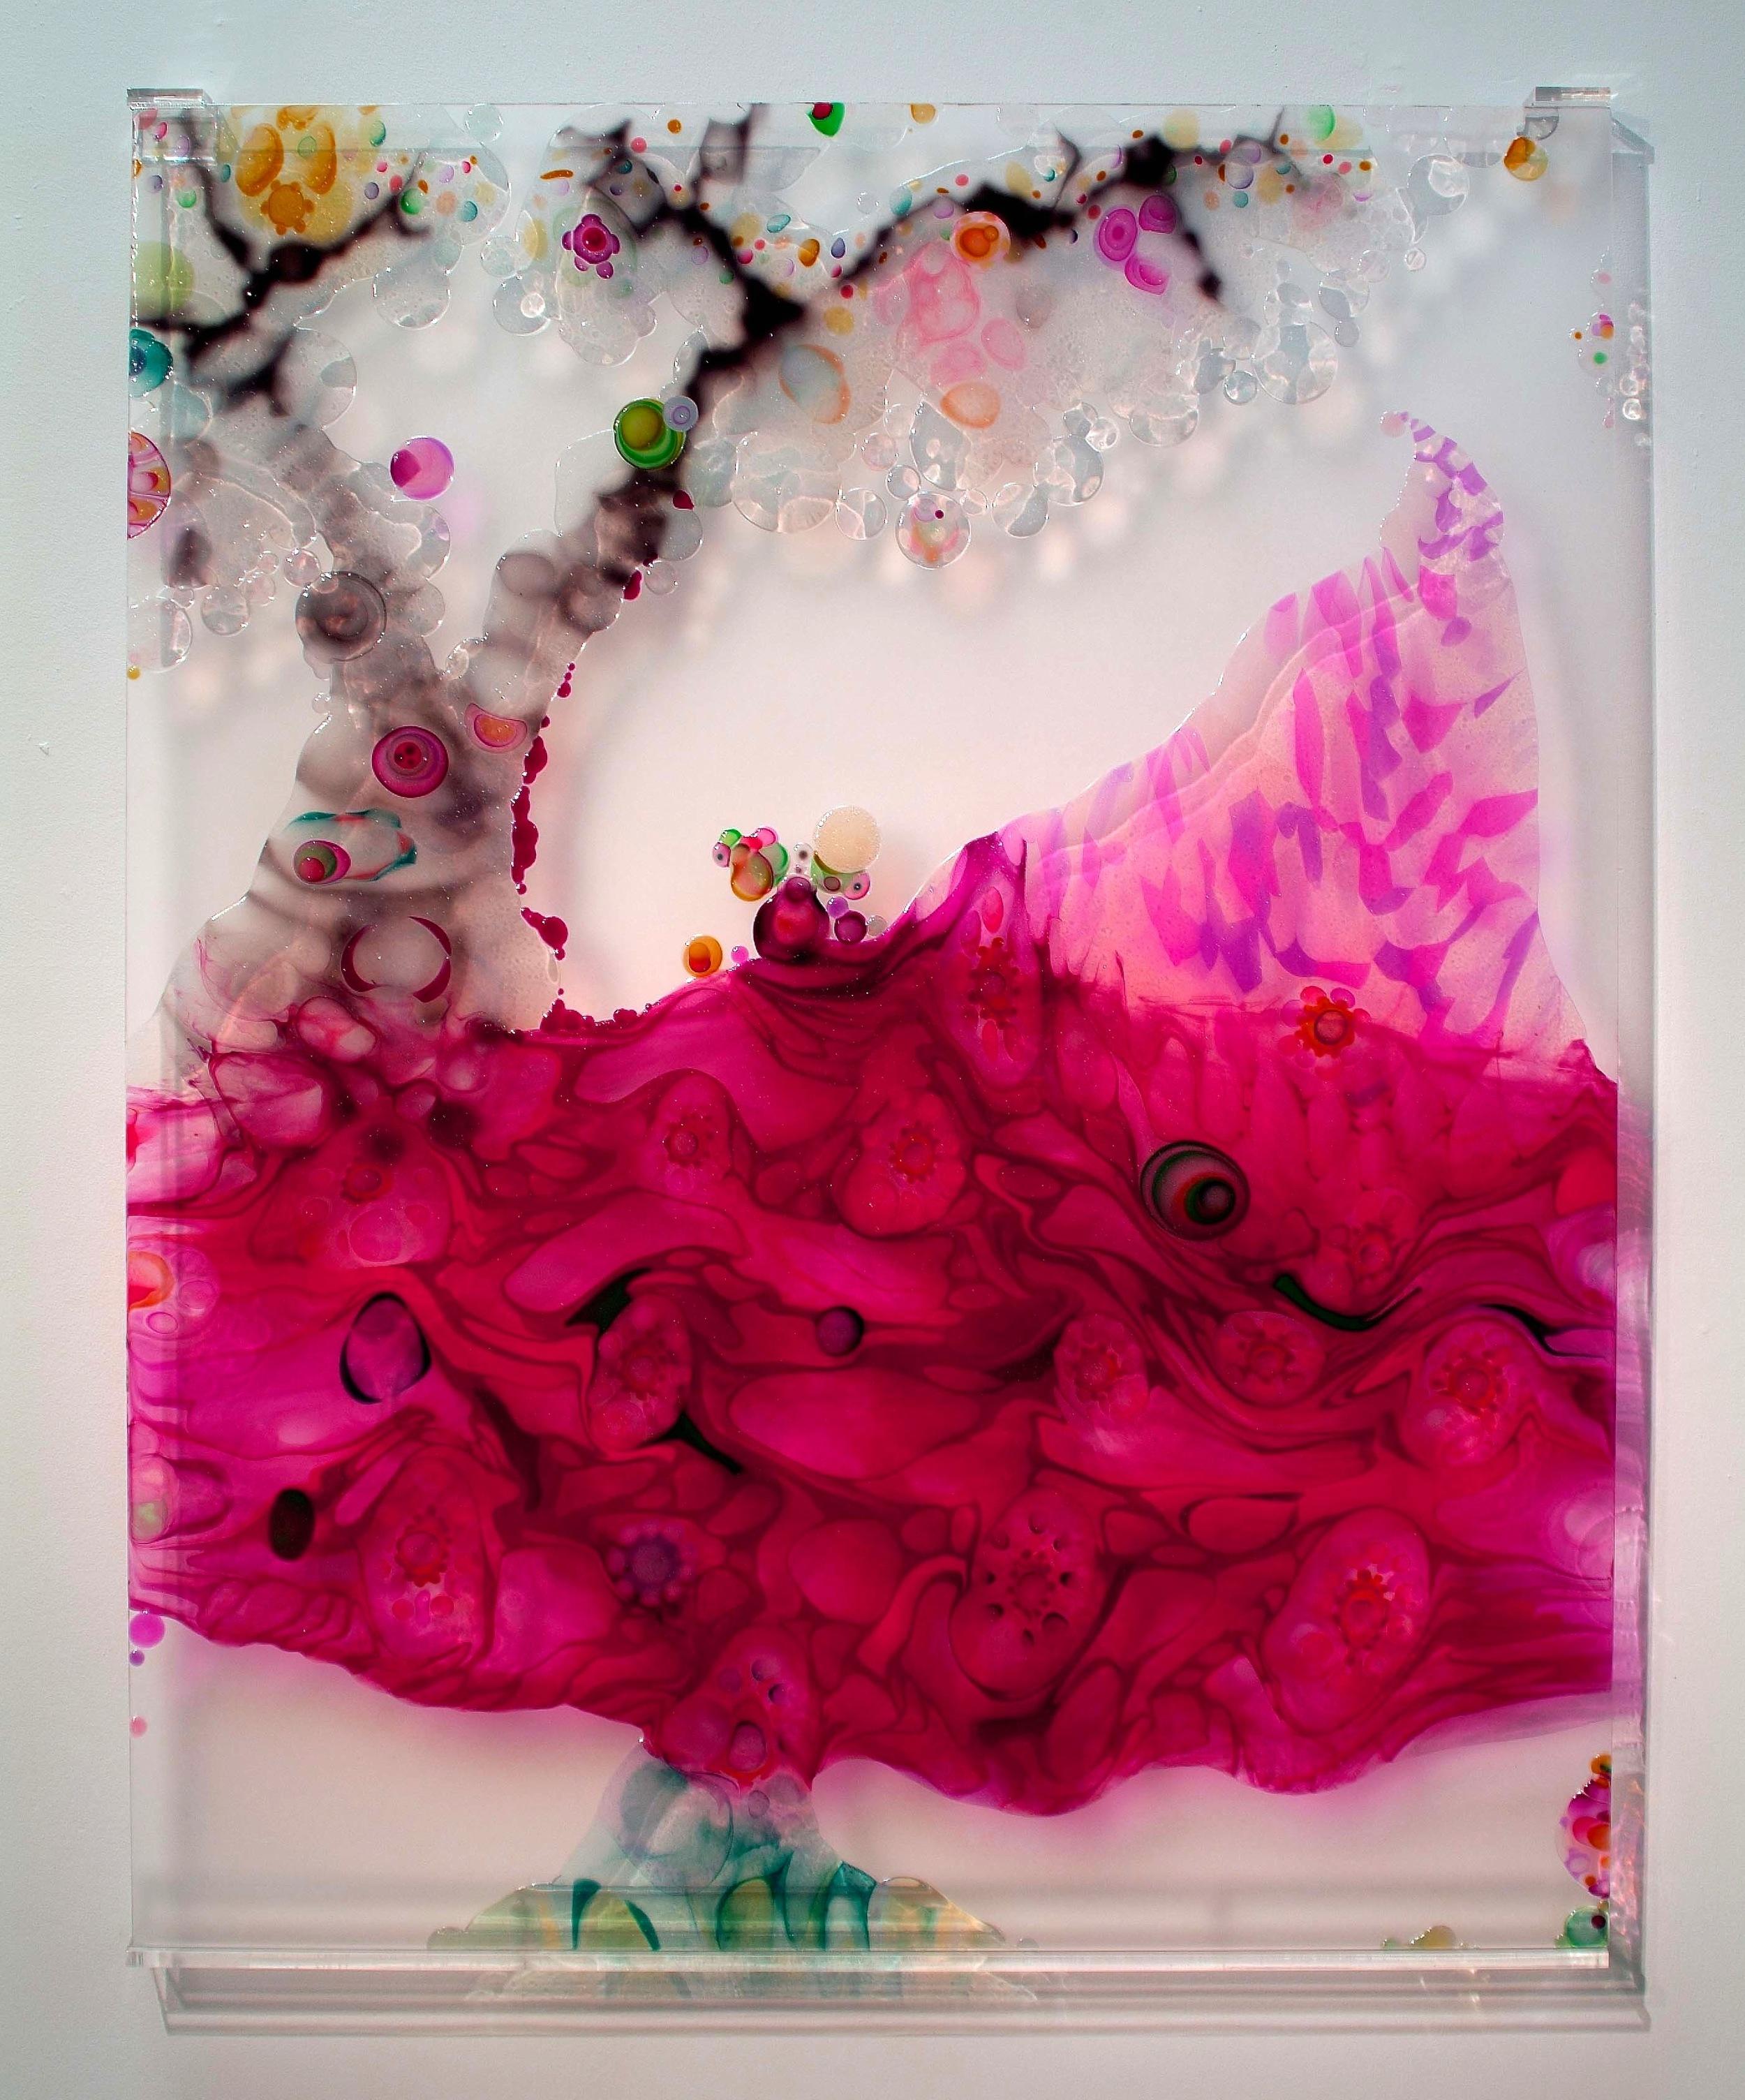 Pink Tsunami